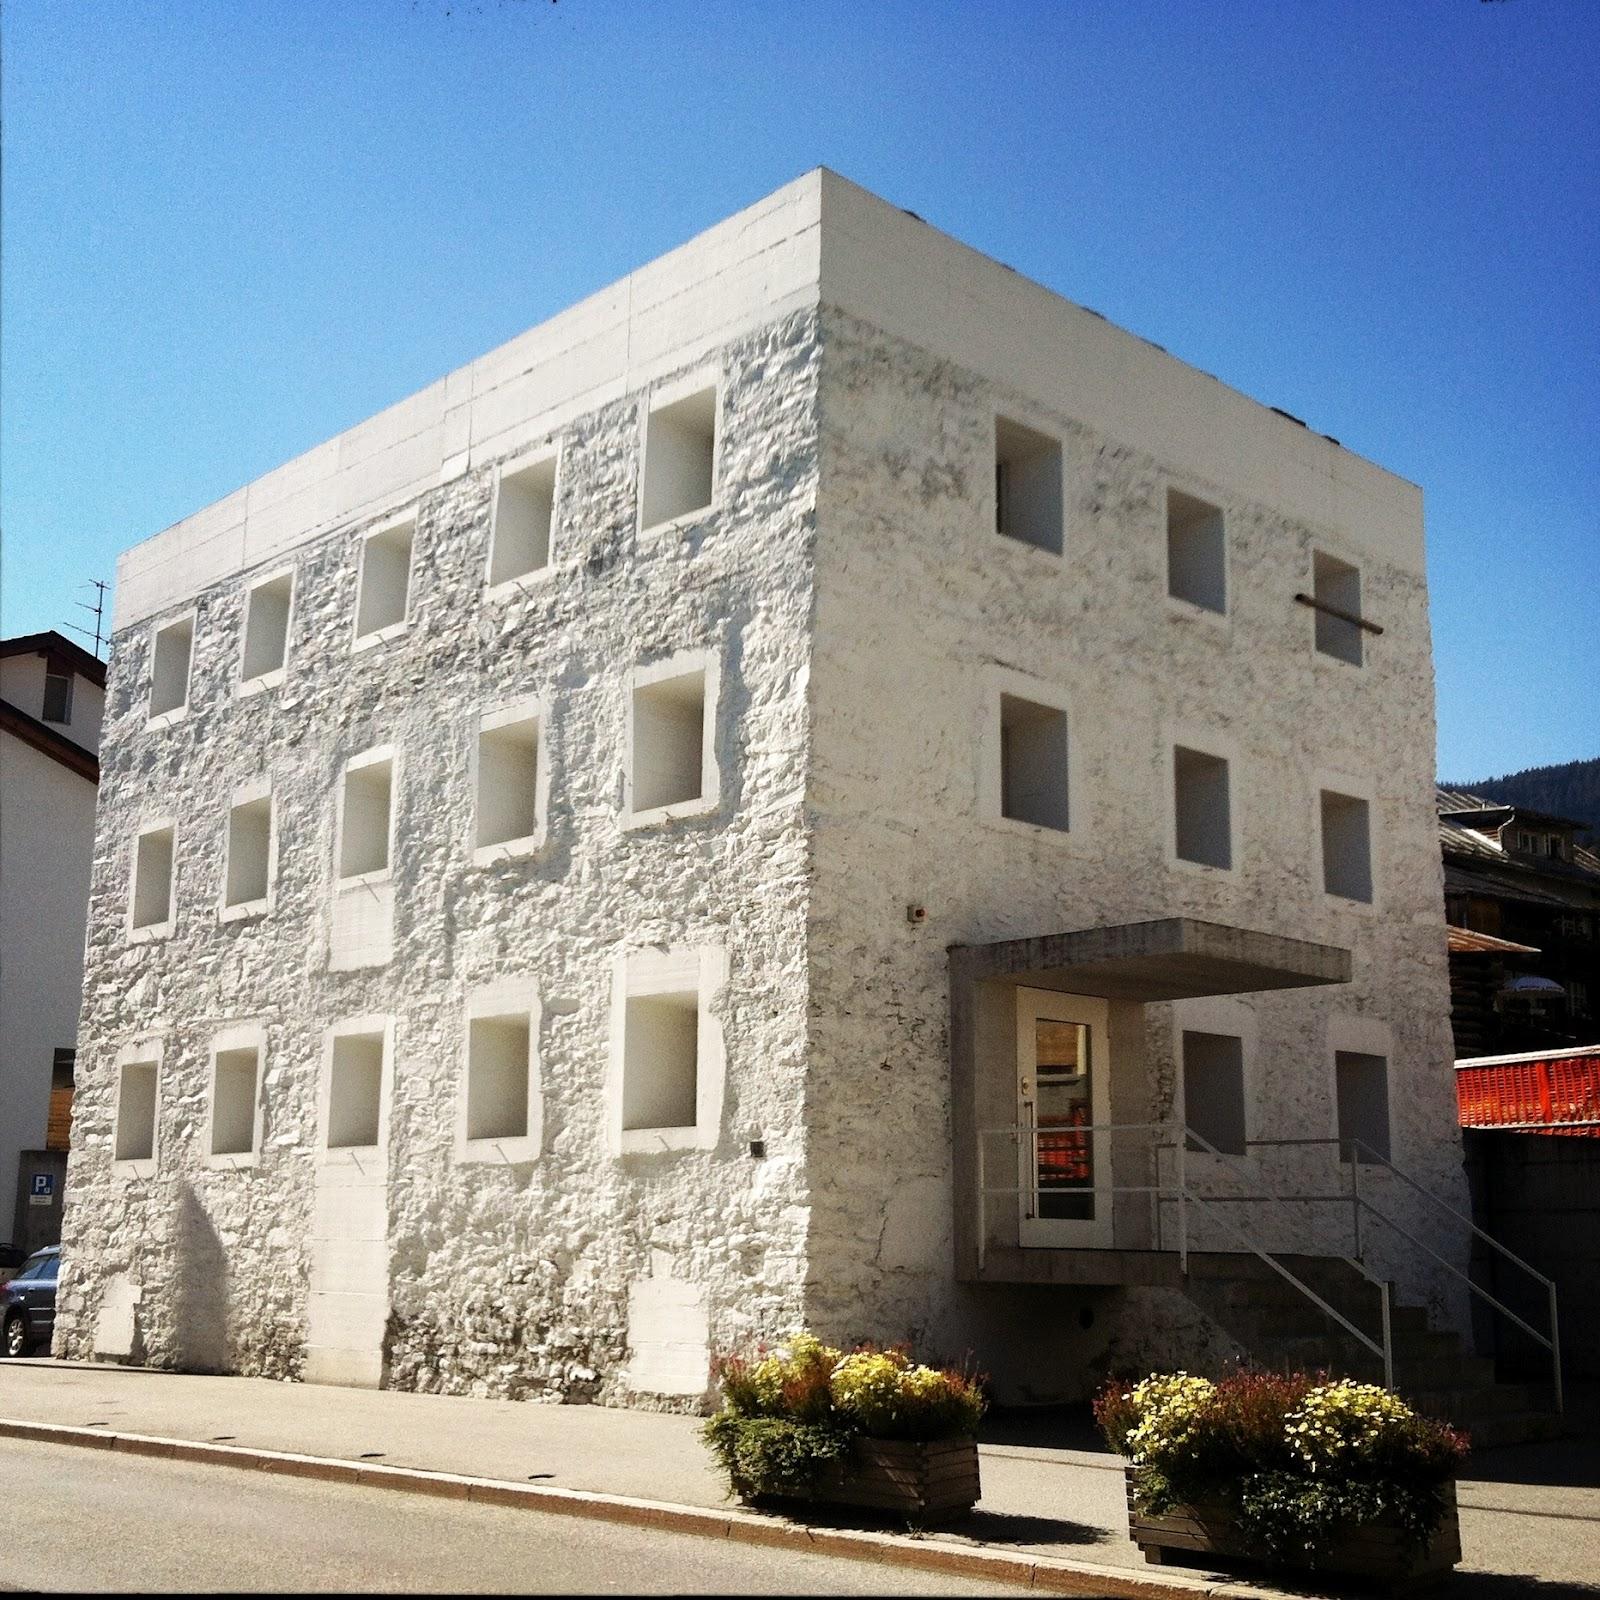 John Bauermuseum Das Gelbe Haus Olgiati